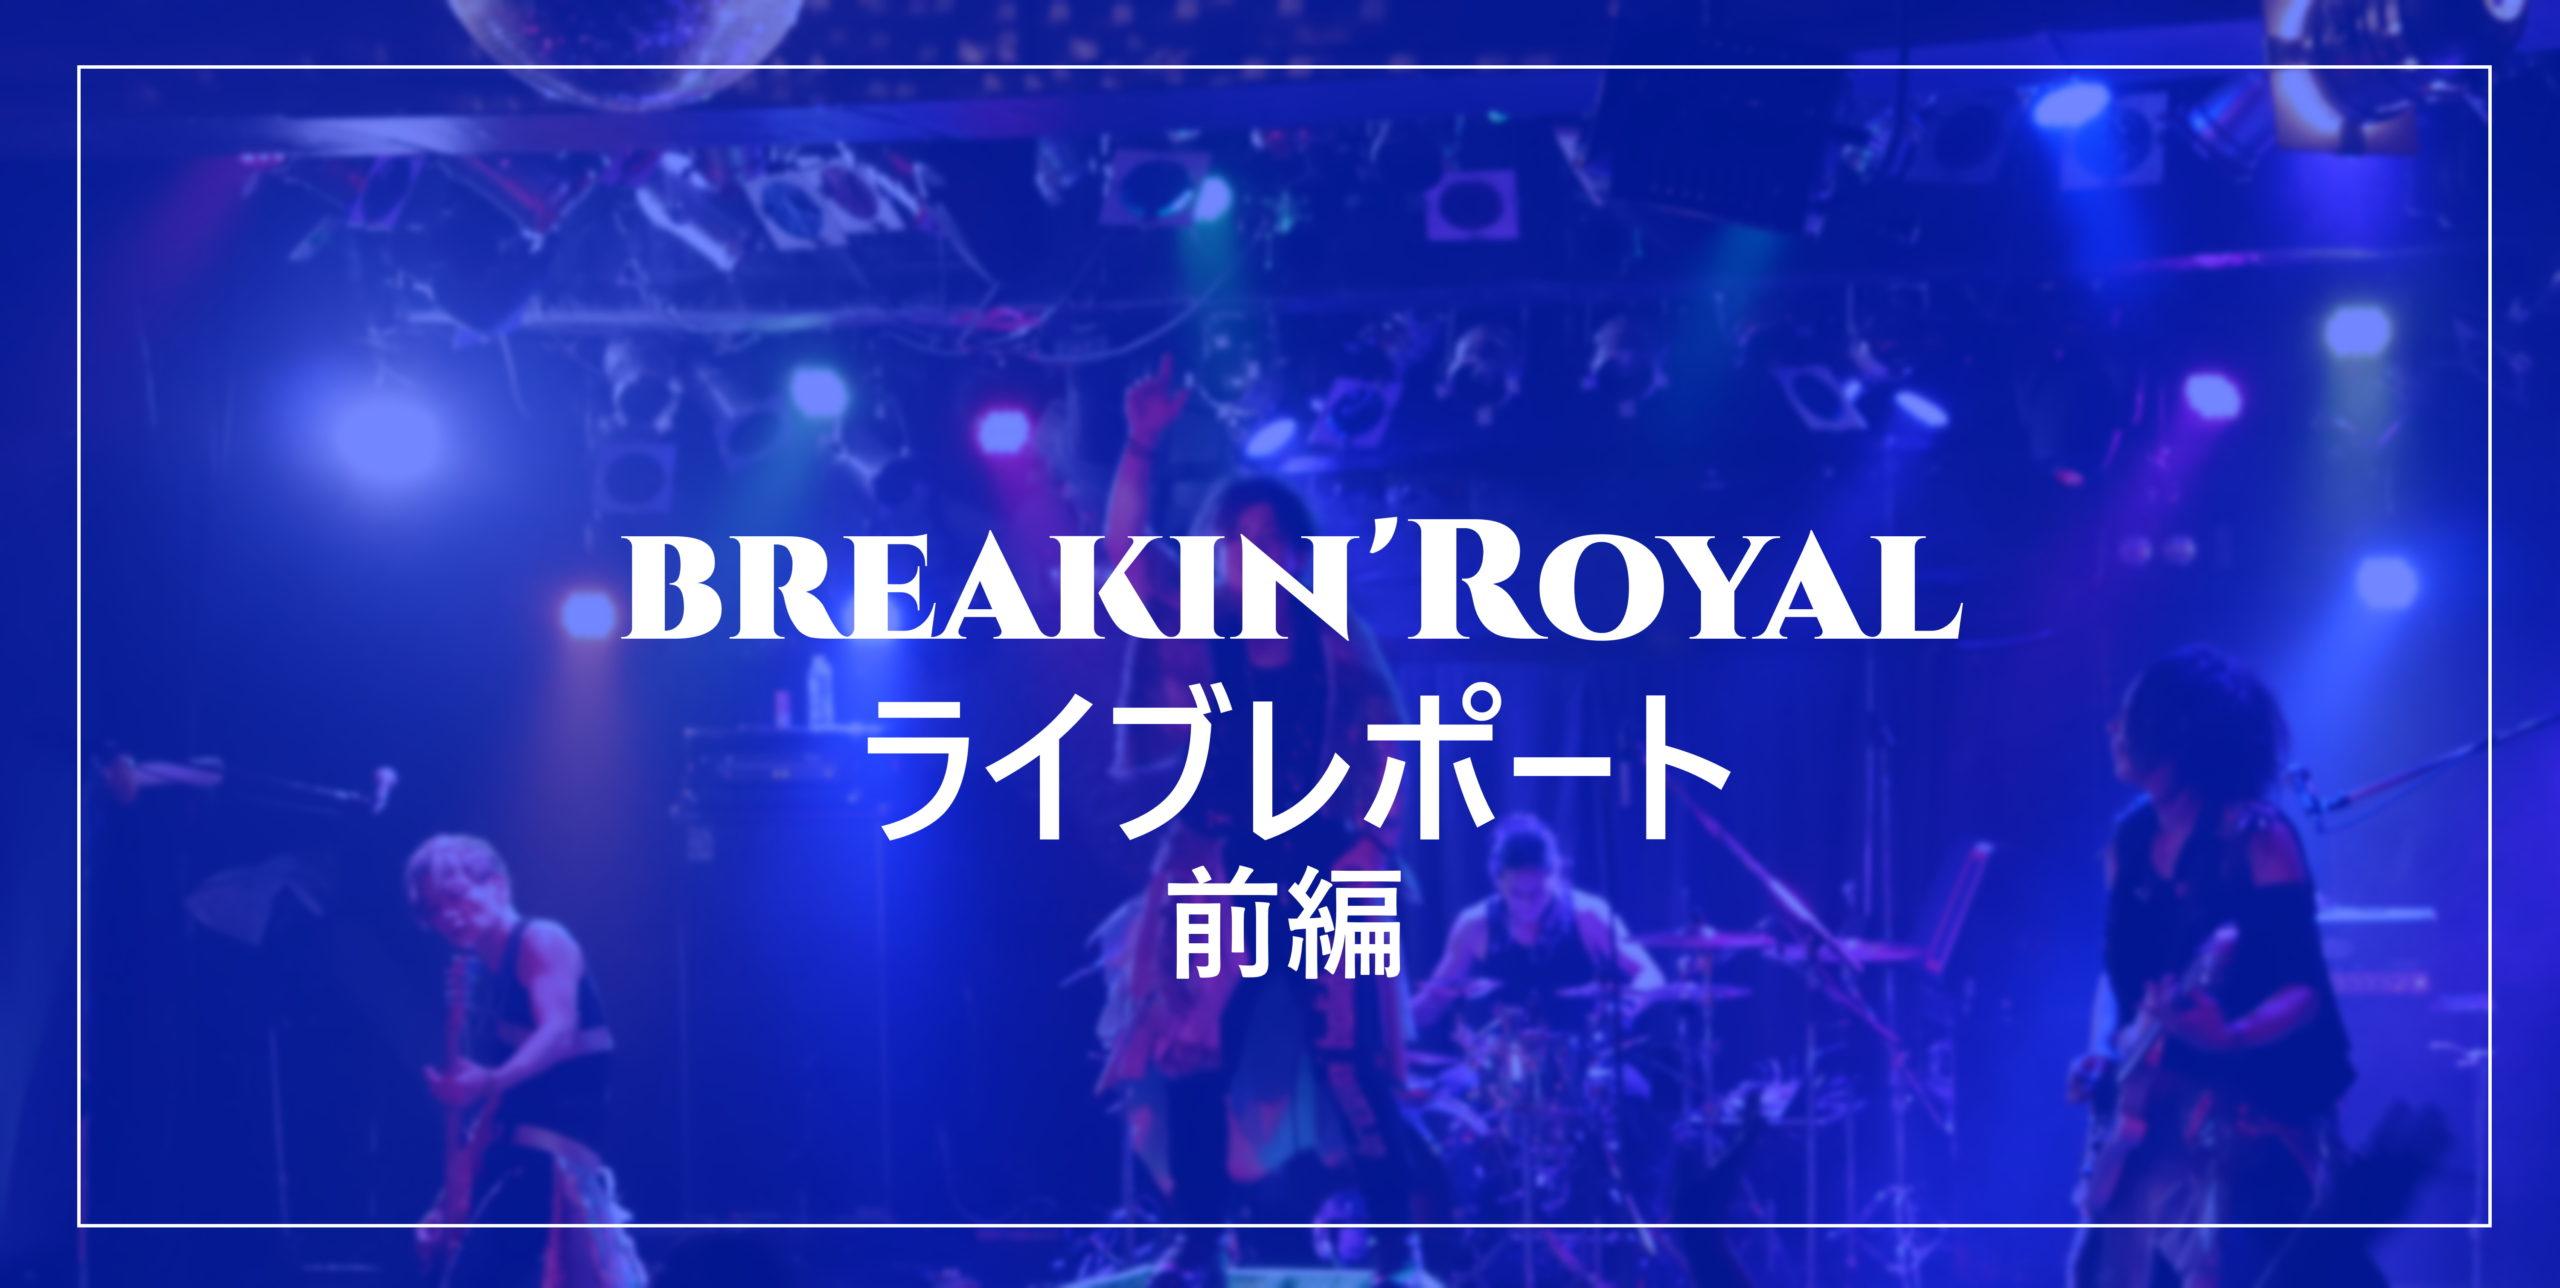 【ライブレポート】9/26に開催されたbreakin'Royalのレポート前編を公開!